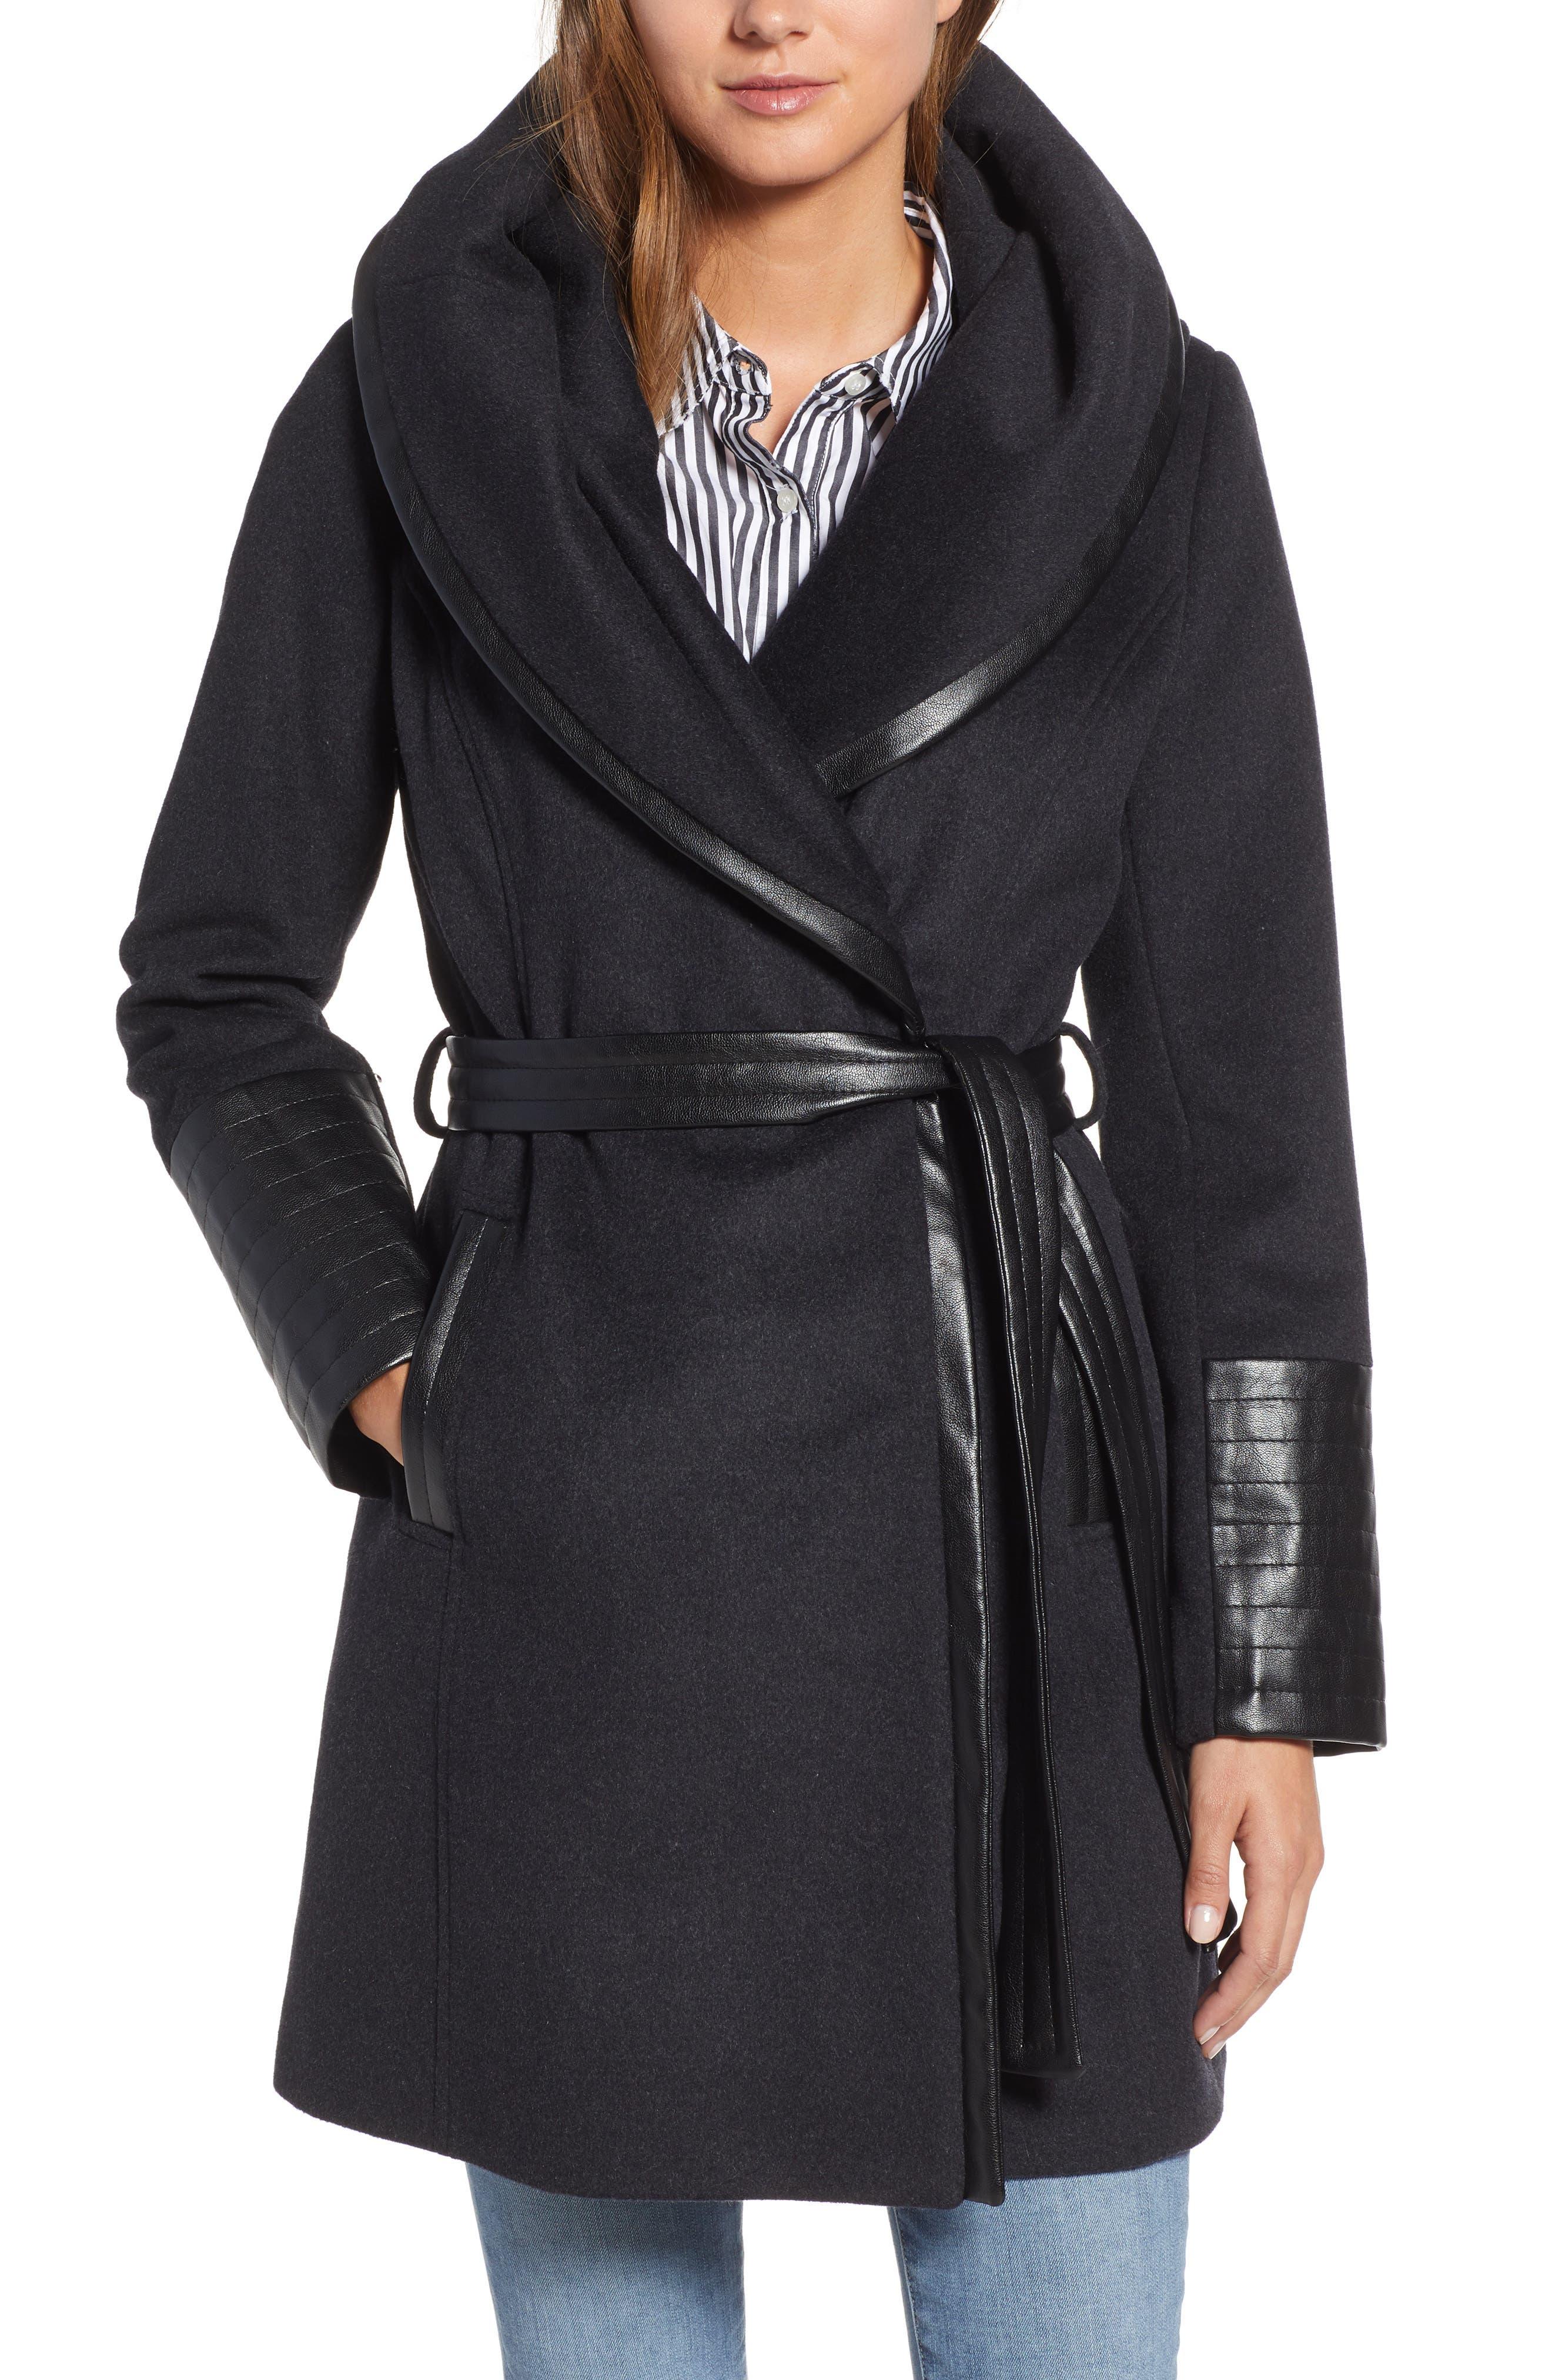 VIA SPIGA,                             Wool Blend Coat,                             Main thumbnail 1, color,                             CHARCOAL